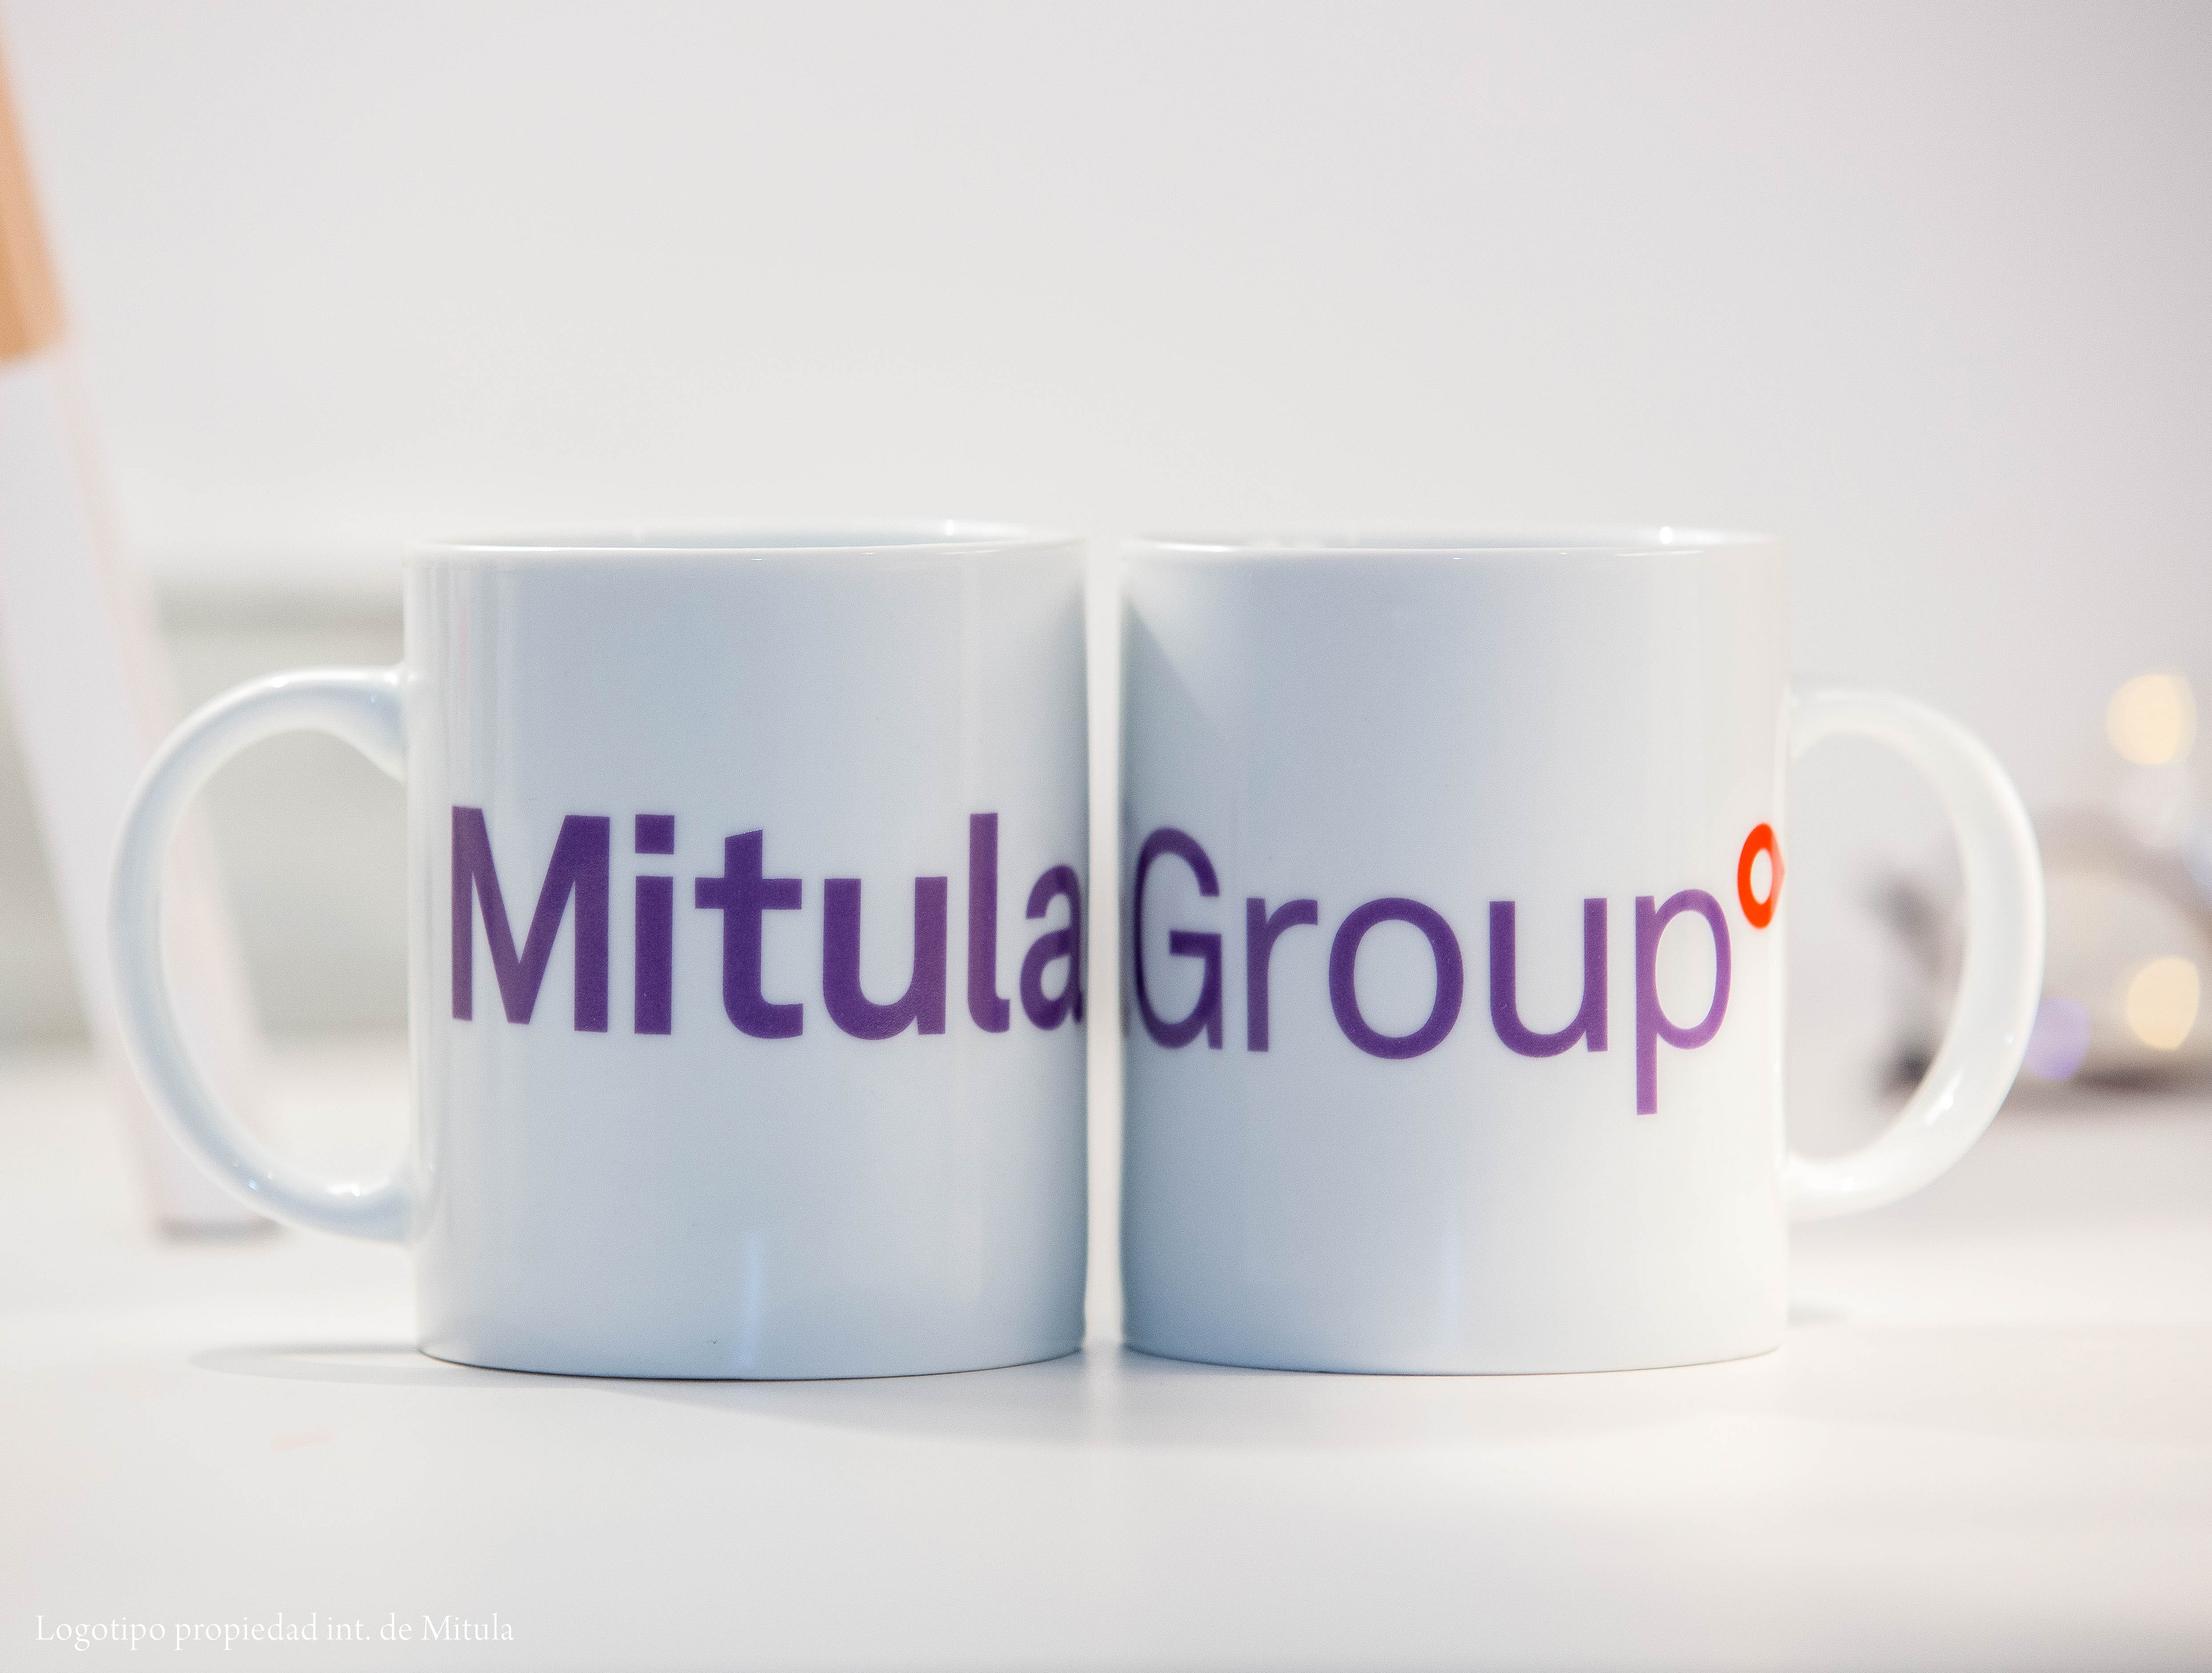 Tazas de porcelana con logo Mitula